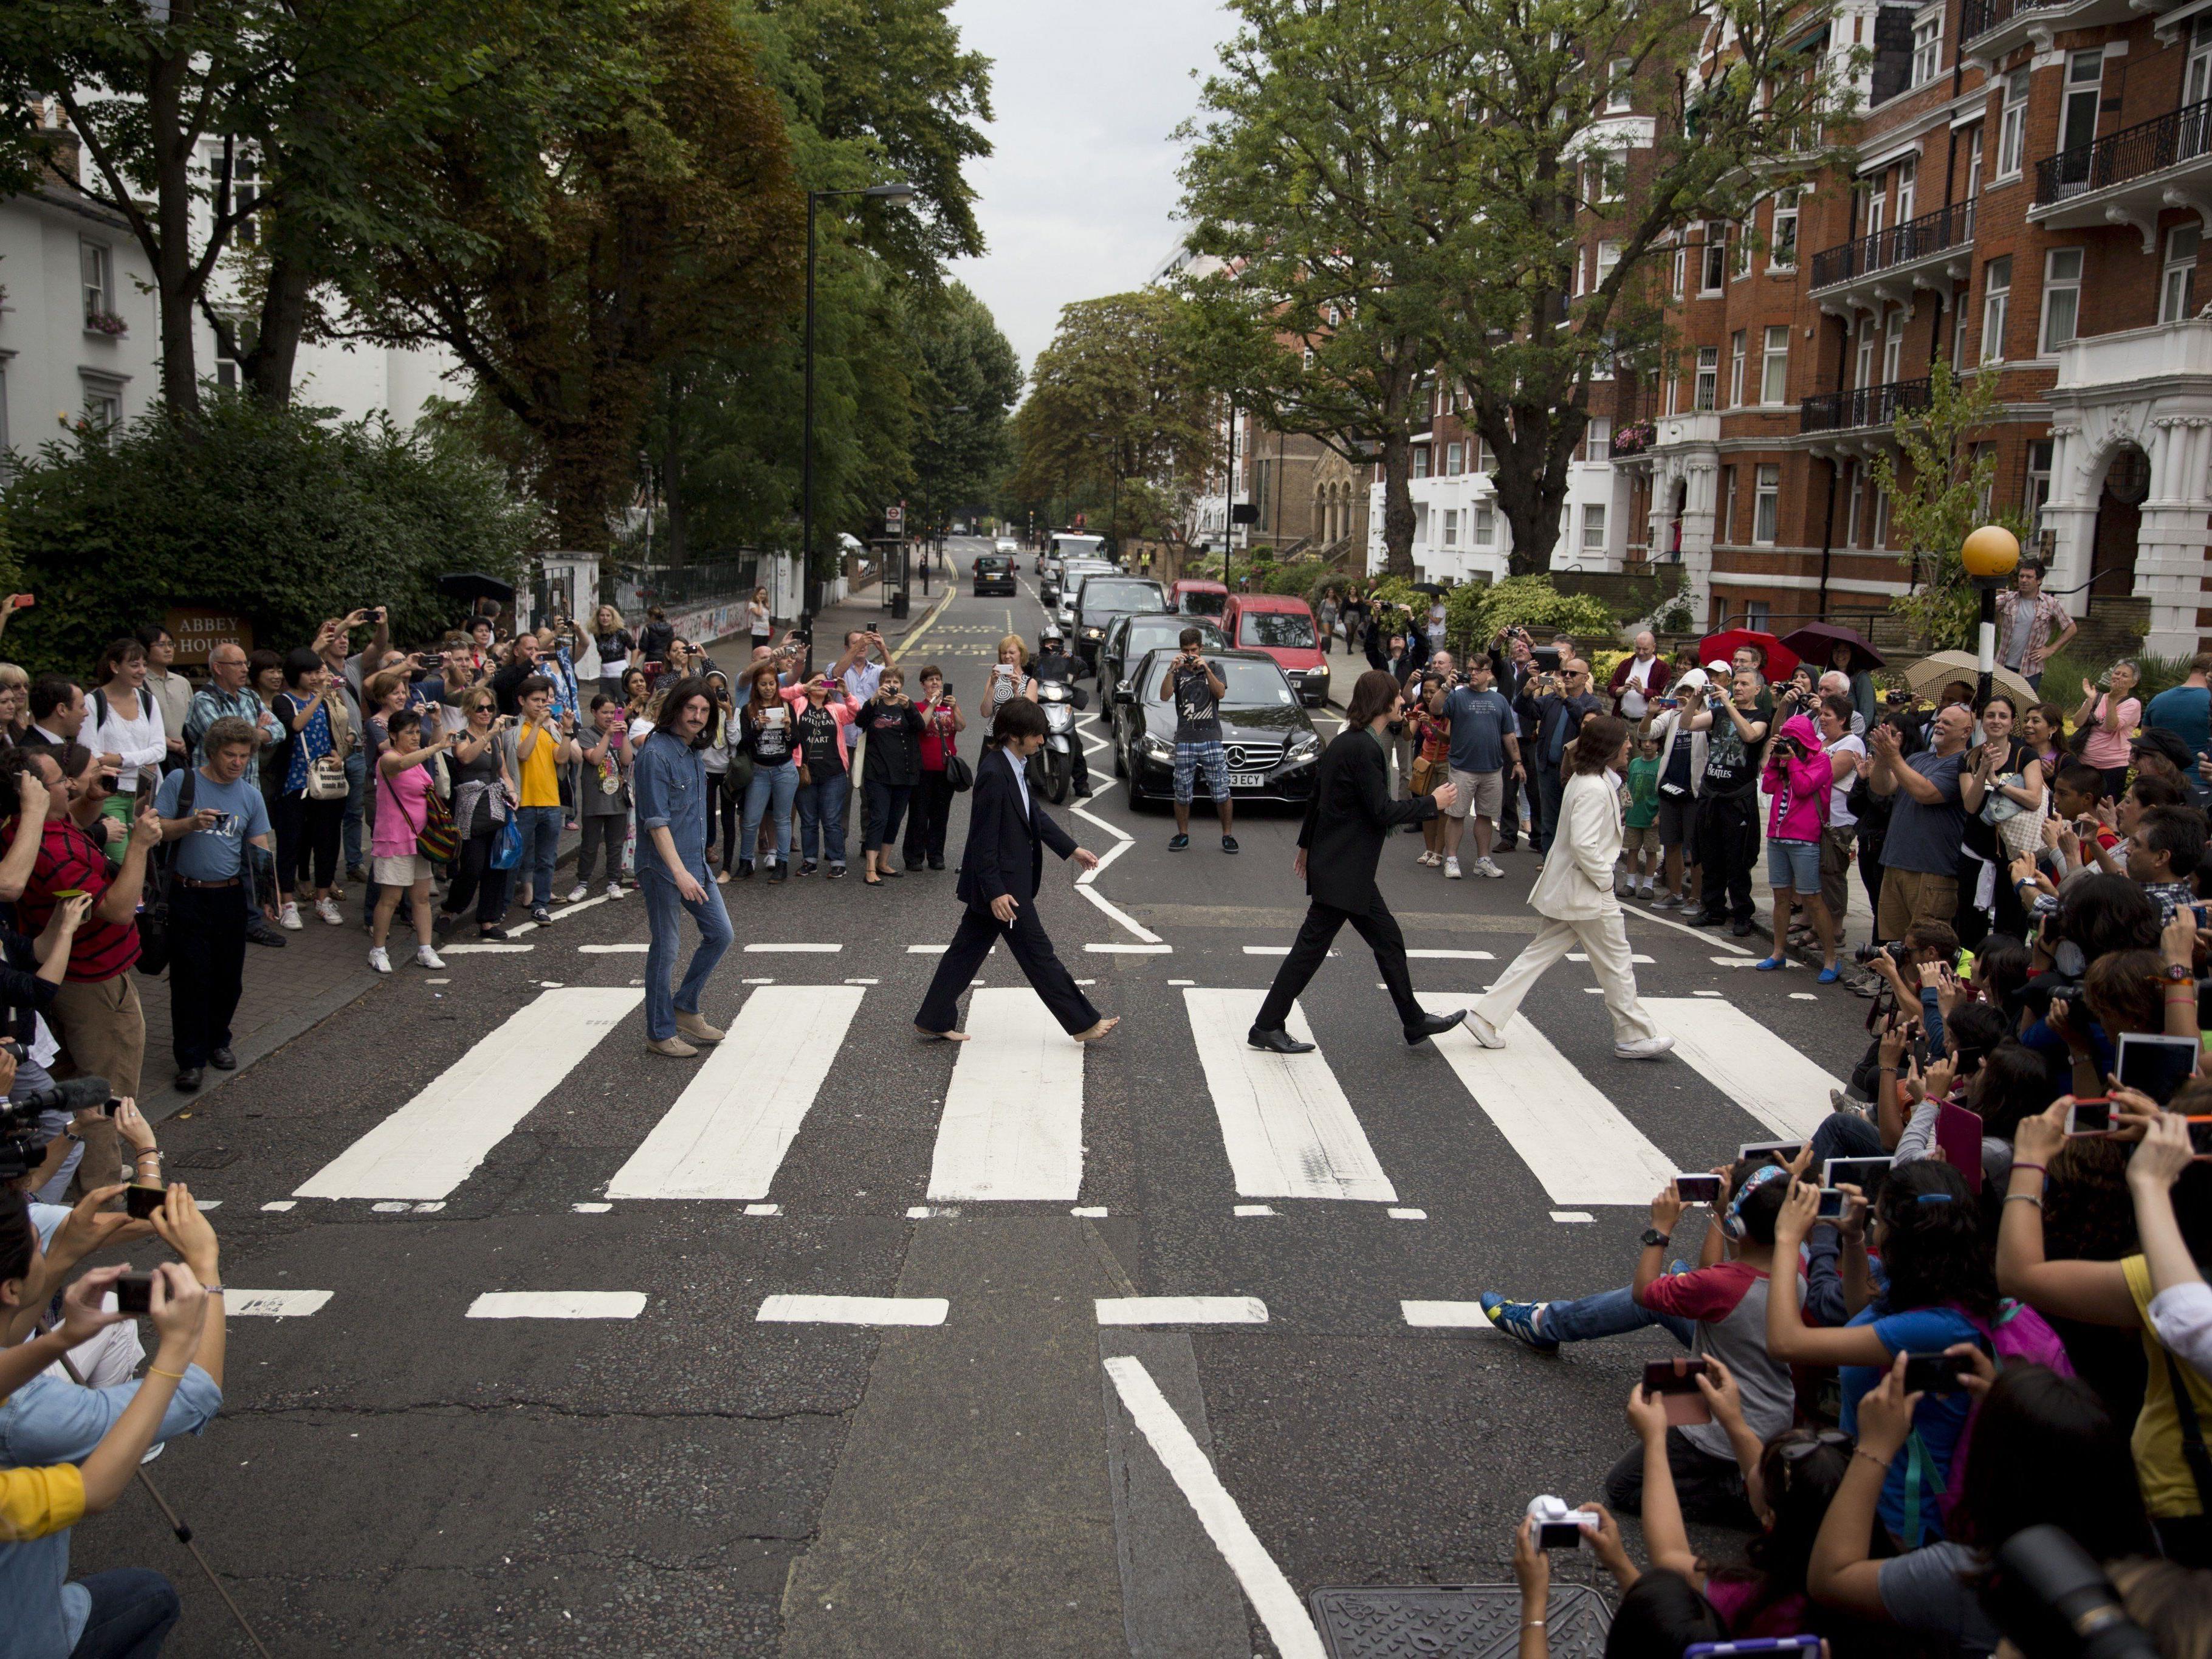 Der Fankult legt öfters den Londoner Verkehr lahm.